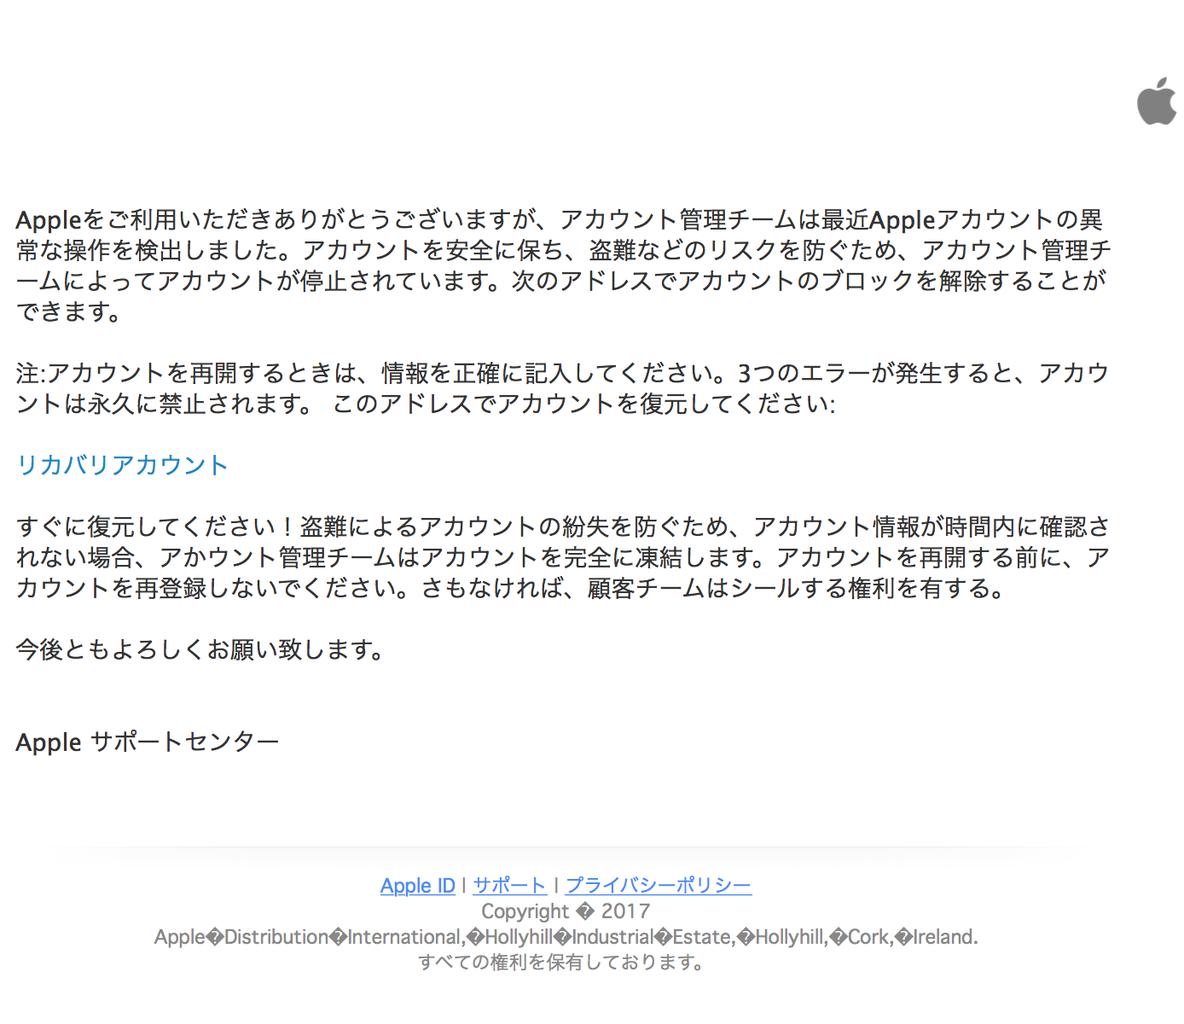 Amazonを装う迷惑メール、アラート:あなたのアカウントは閉鎖されます。に注意